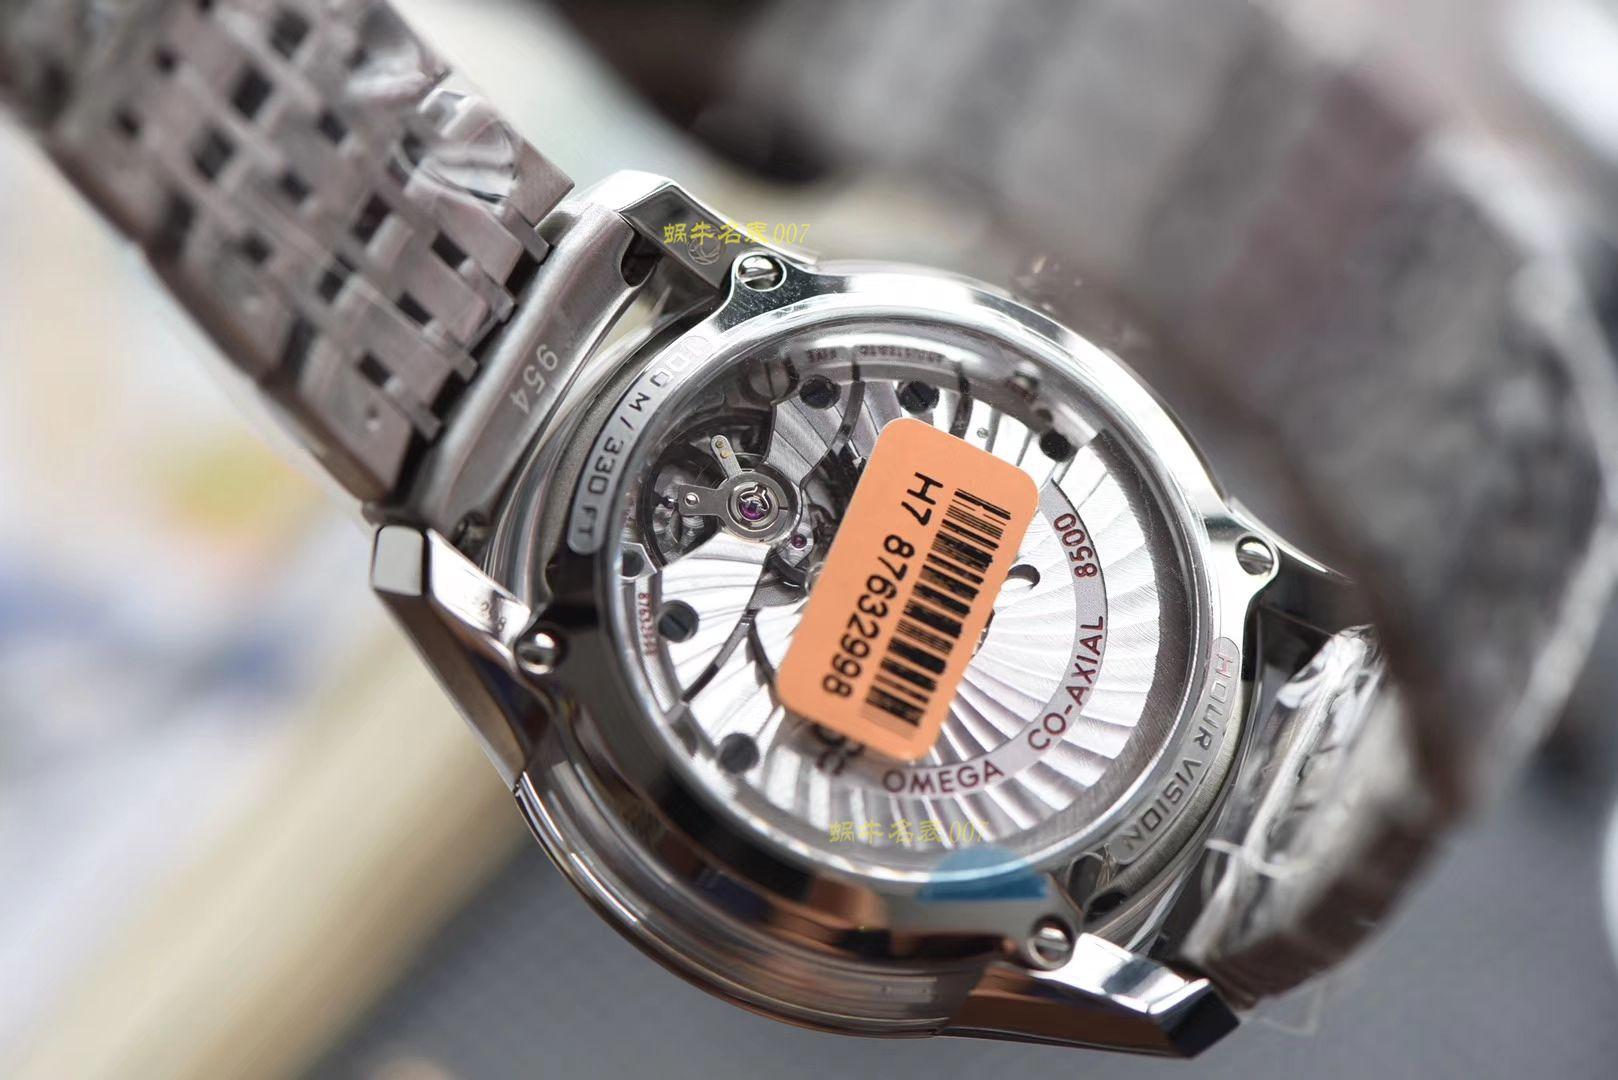 【视频评测】欧米茄碟飞系列431.30.41.21.02.001腕表【VS厂蝶飞明亮之白一比一高仿】